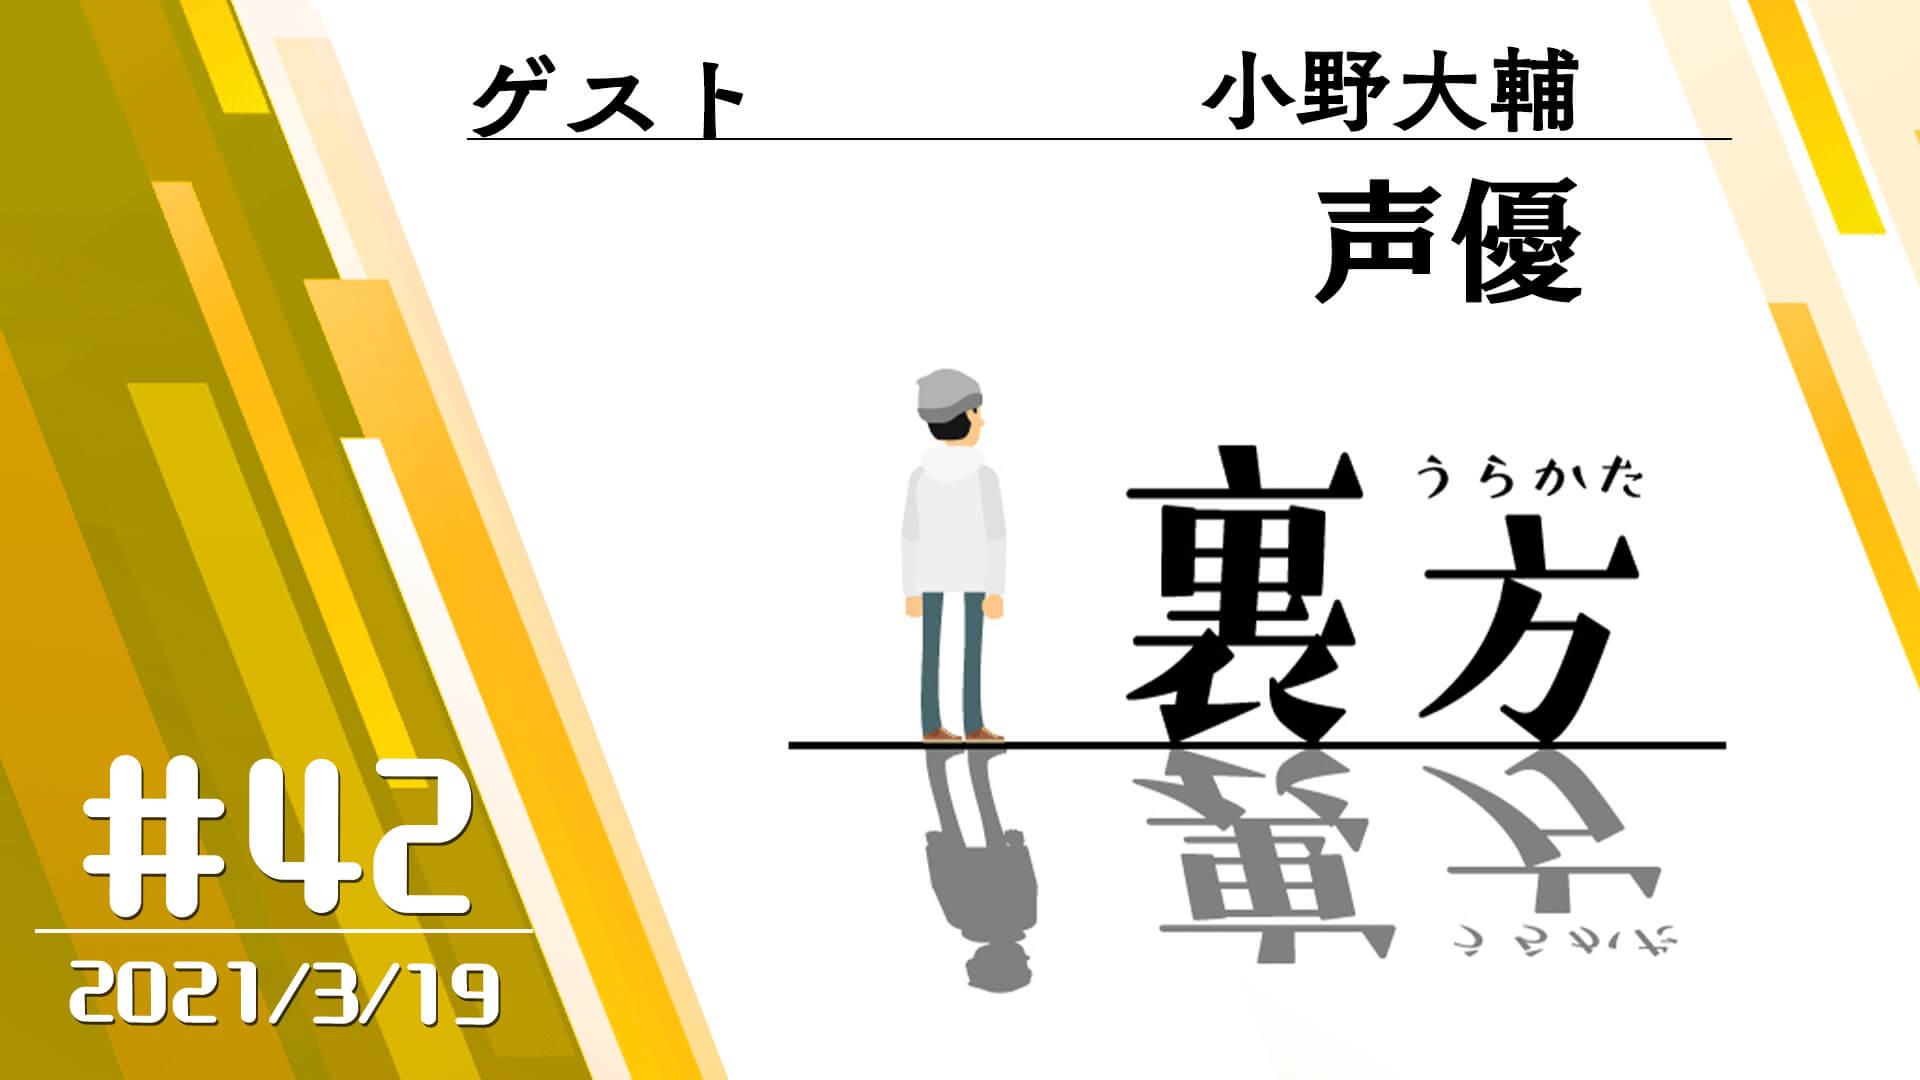 【ゲスト:声優 小野大輔さん】文化放送超!A&G+ 「裏方」#42 (2021年3月19日放送分)